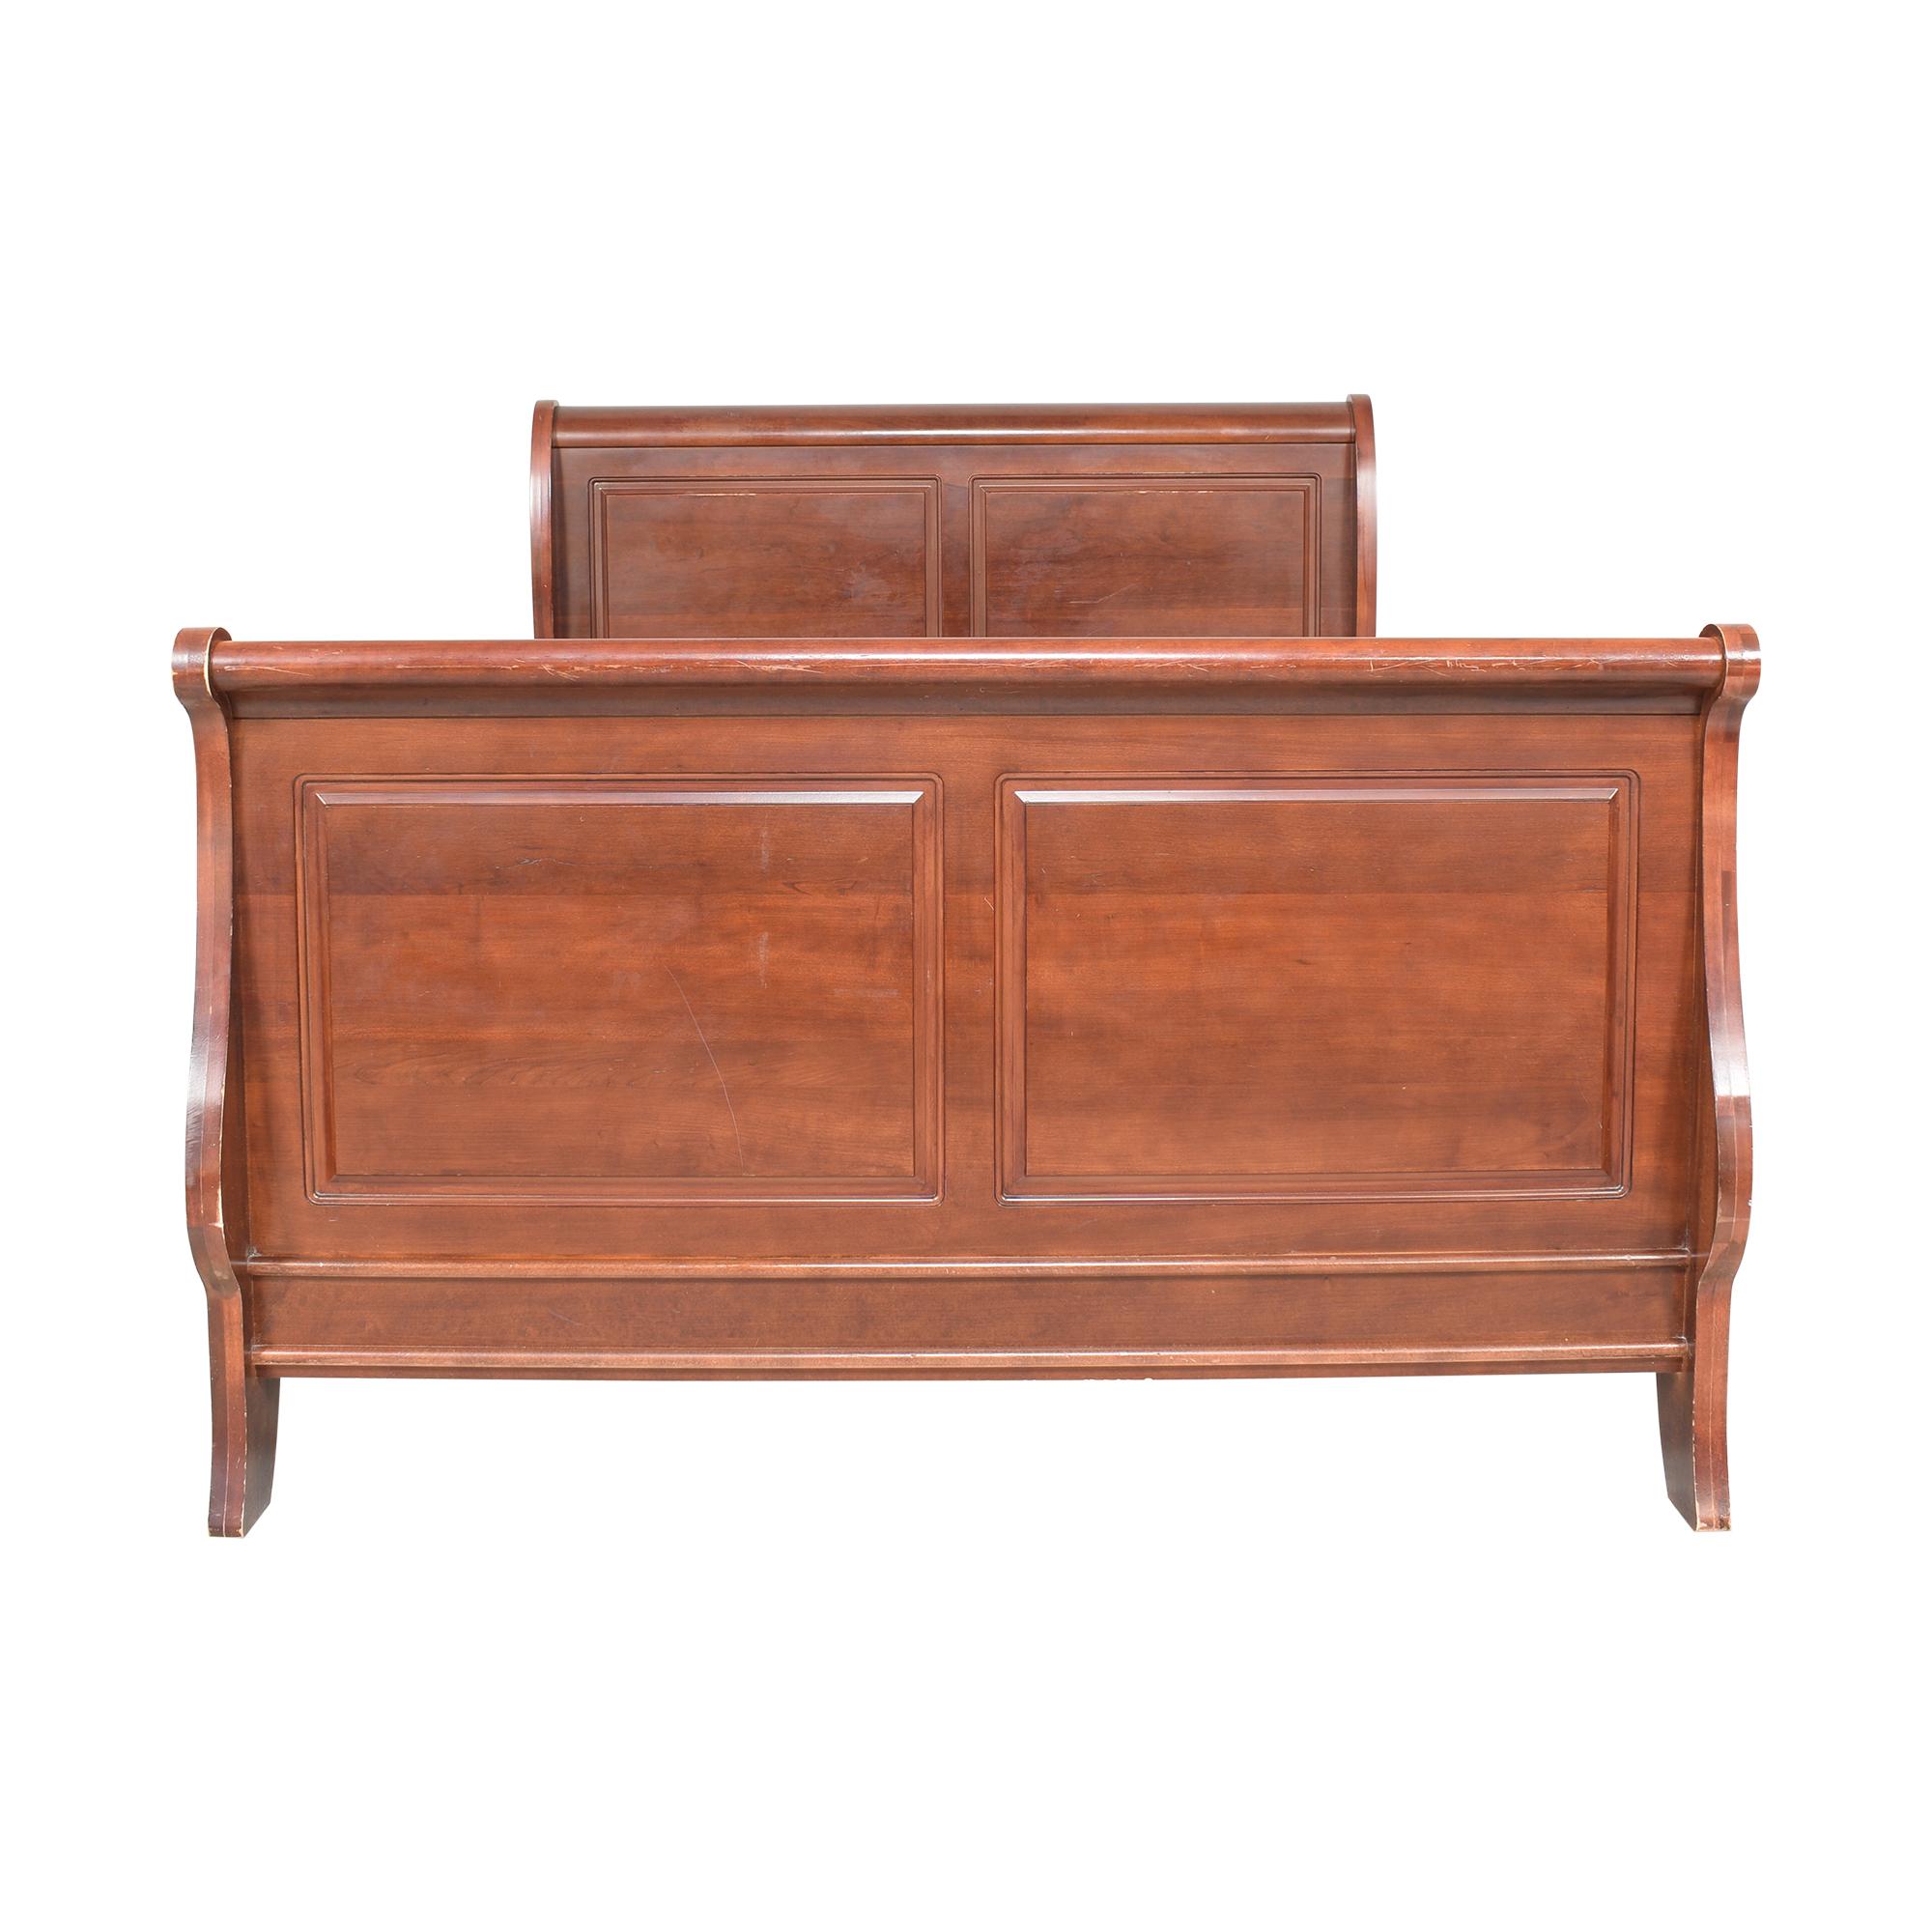 Vaughan-Bassett Vaughan-Bassett Louis Queen Sleigh Bed on sale